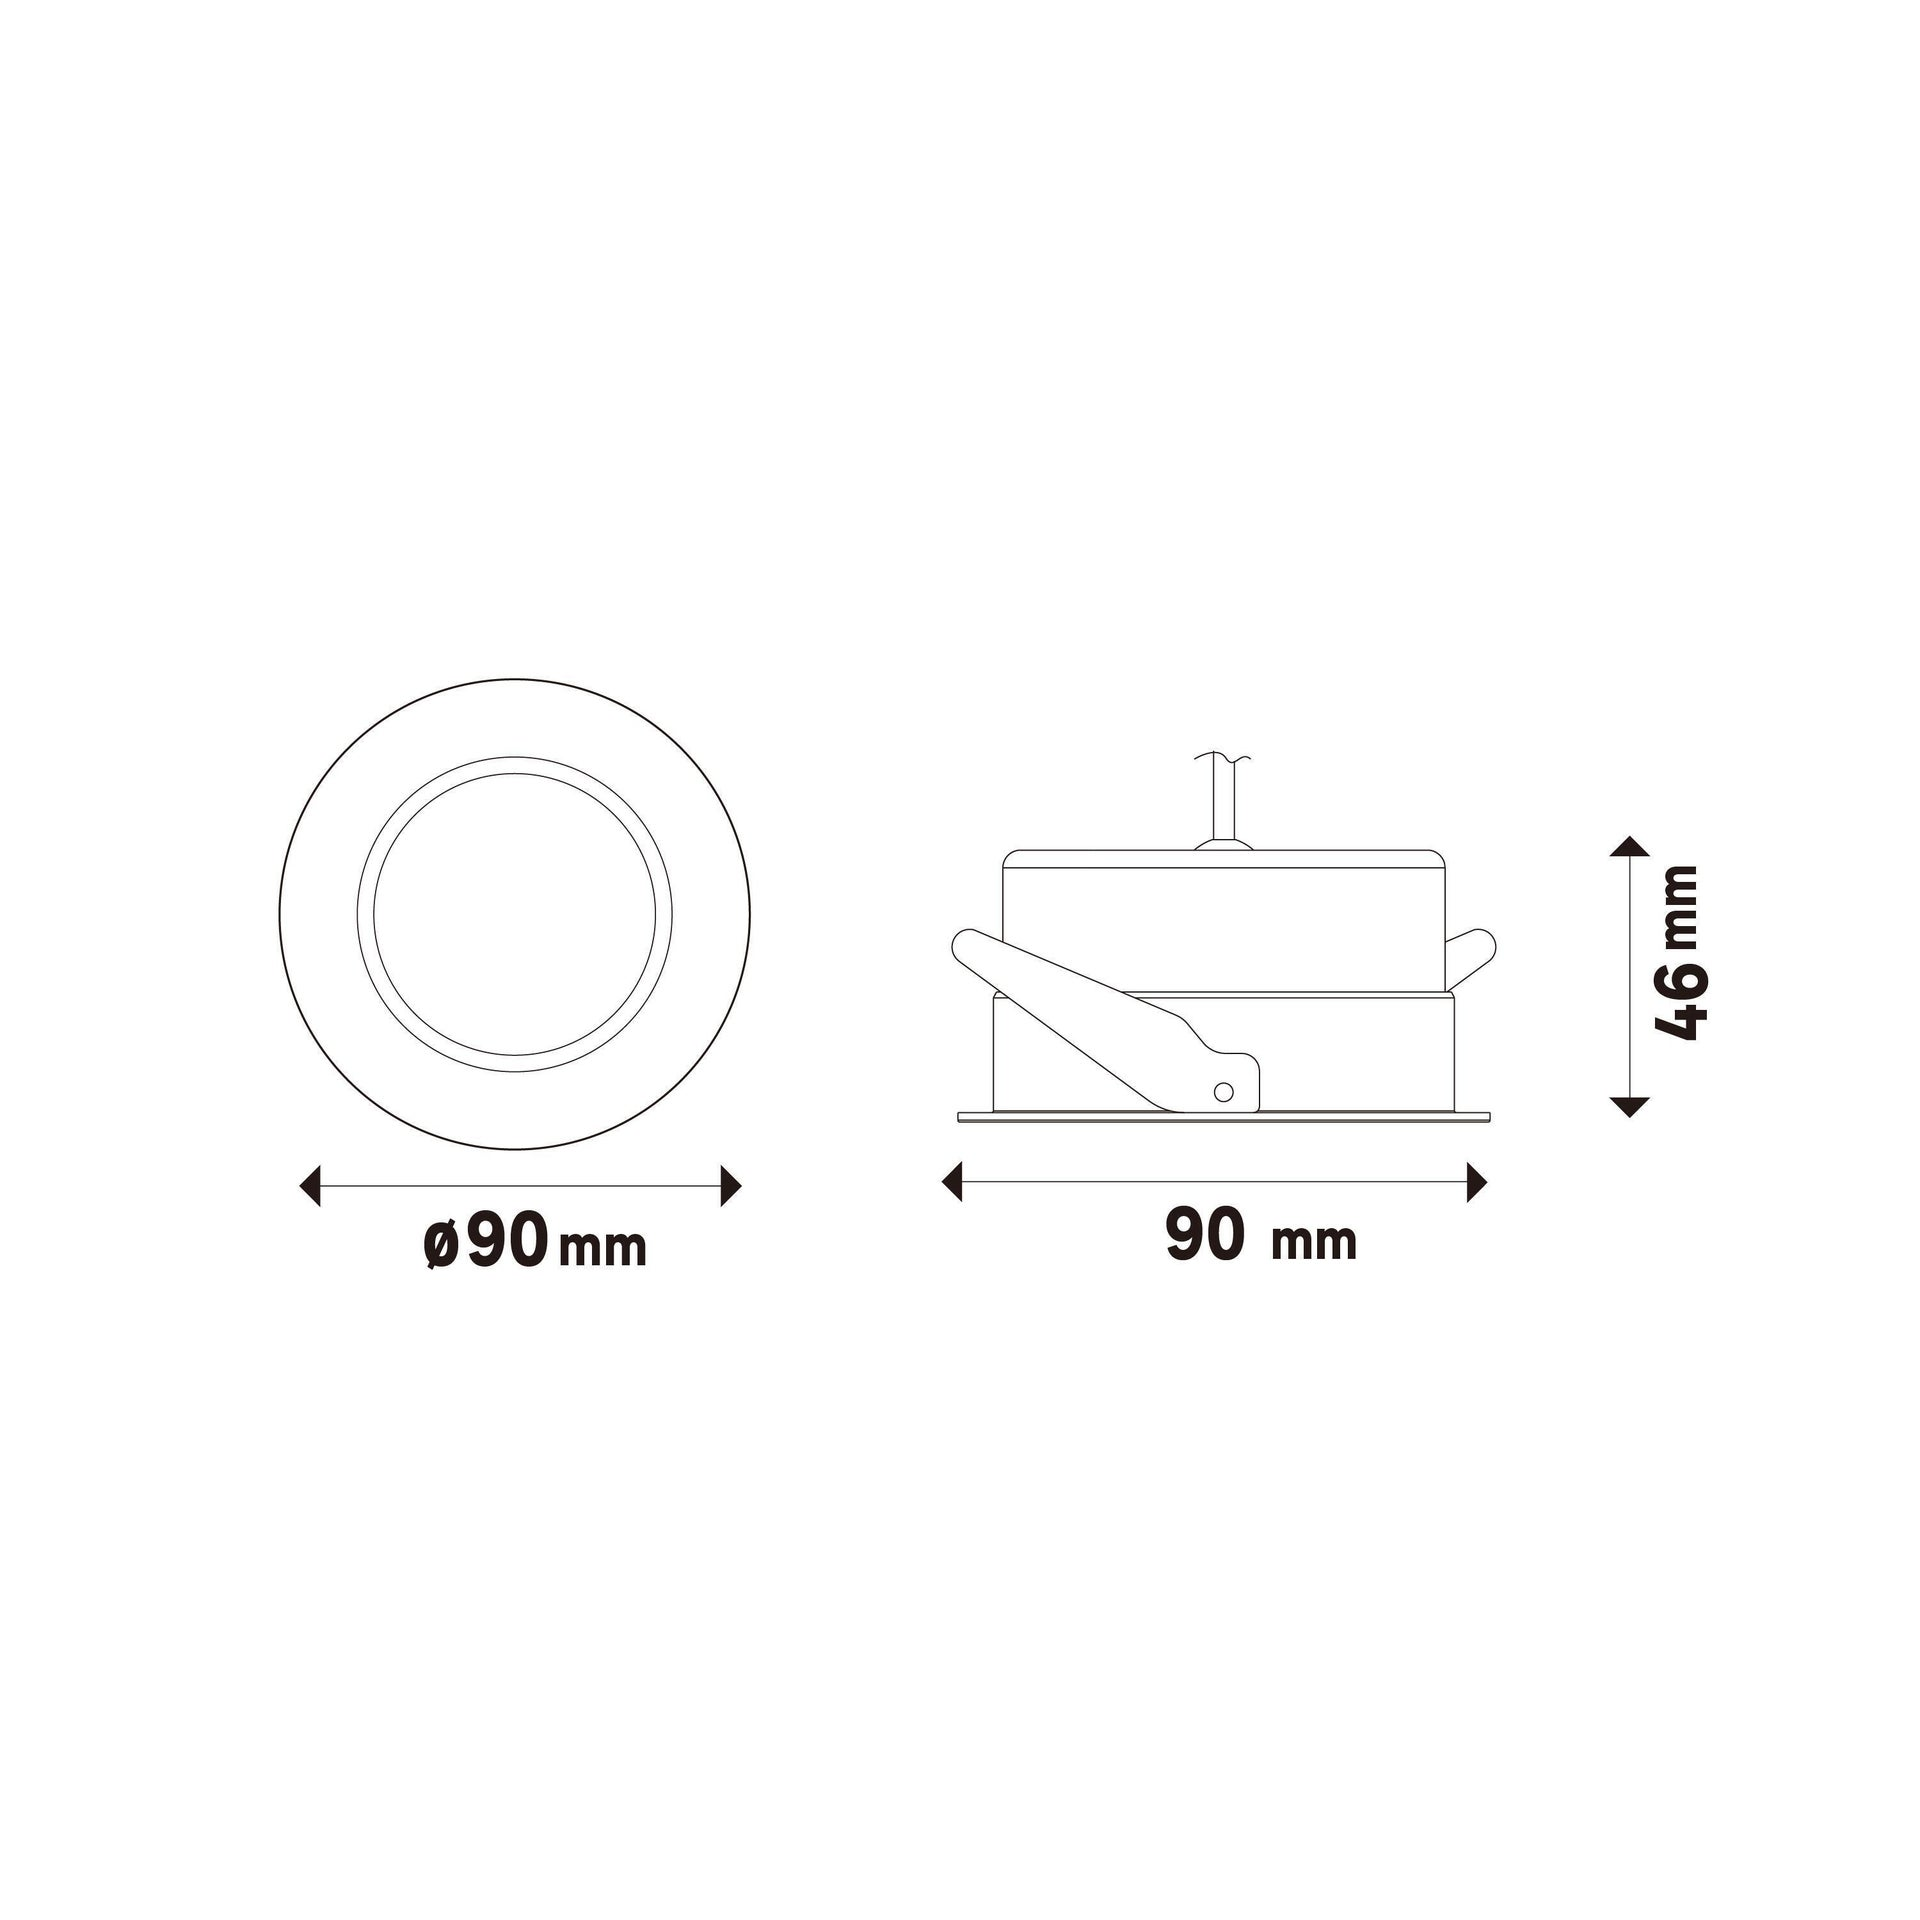 Faretto orientabile da incasso tondo Ori Lindi bianco, diam. 9 cm LED integrato 6.3W 550LM IP65 INSPIRE - 13